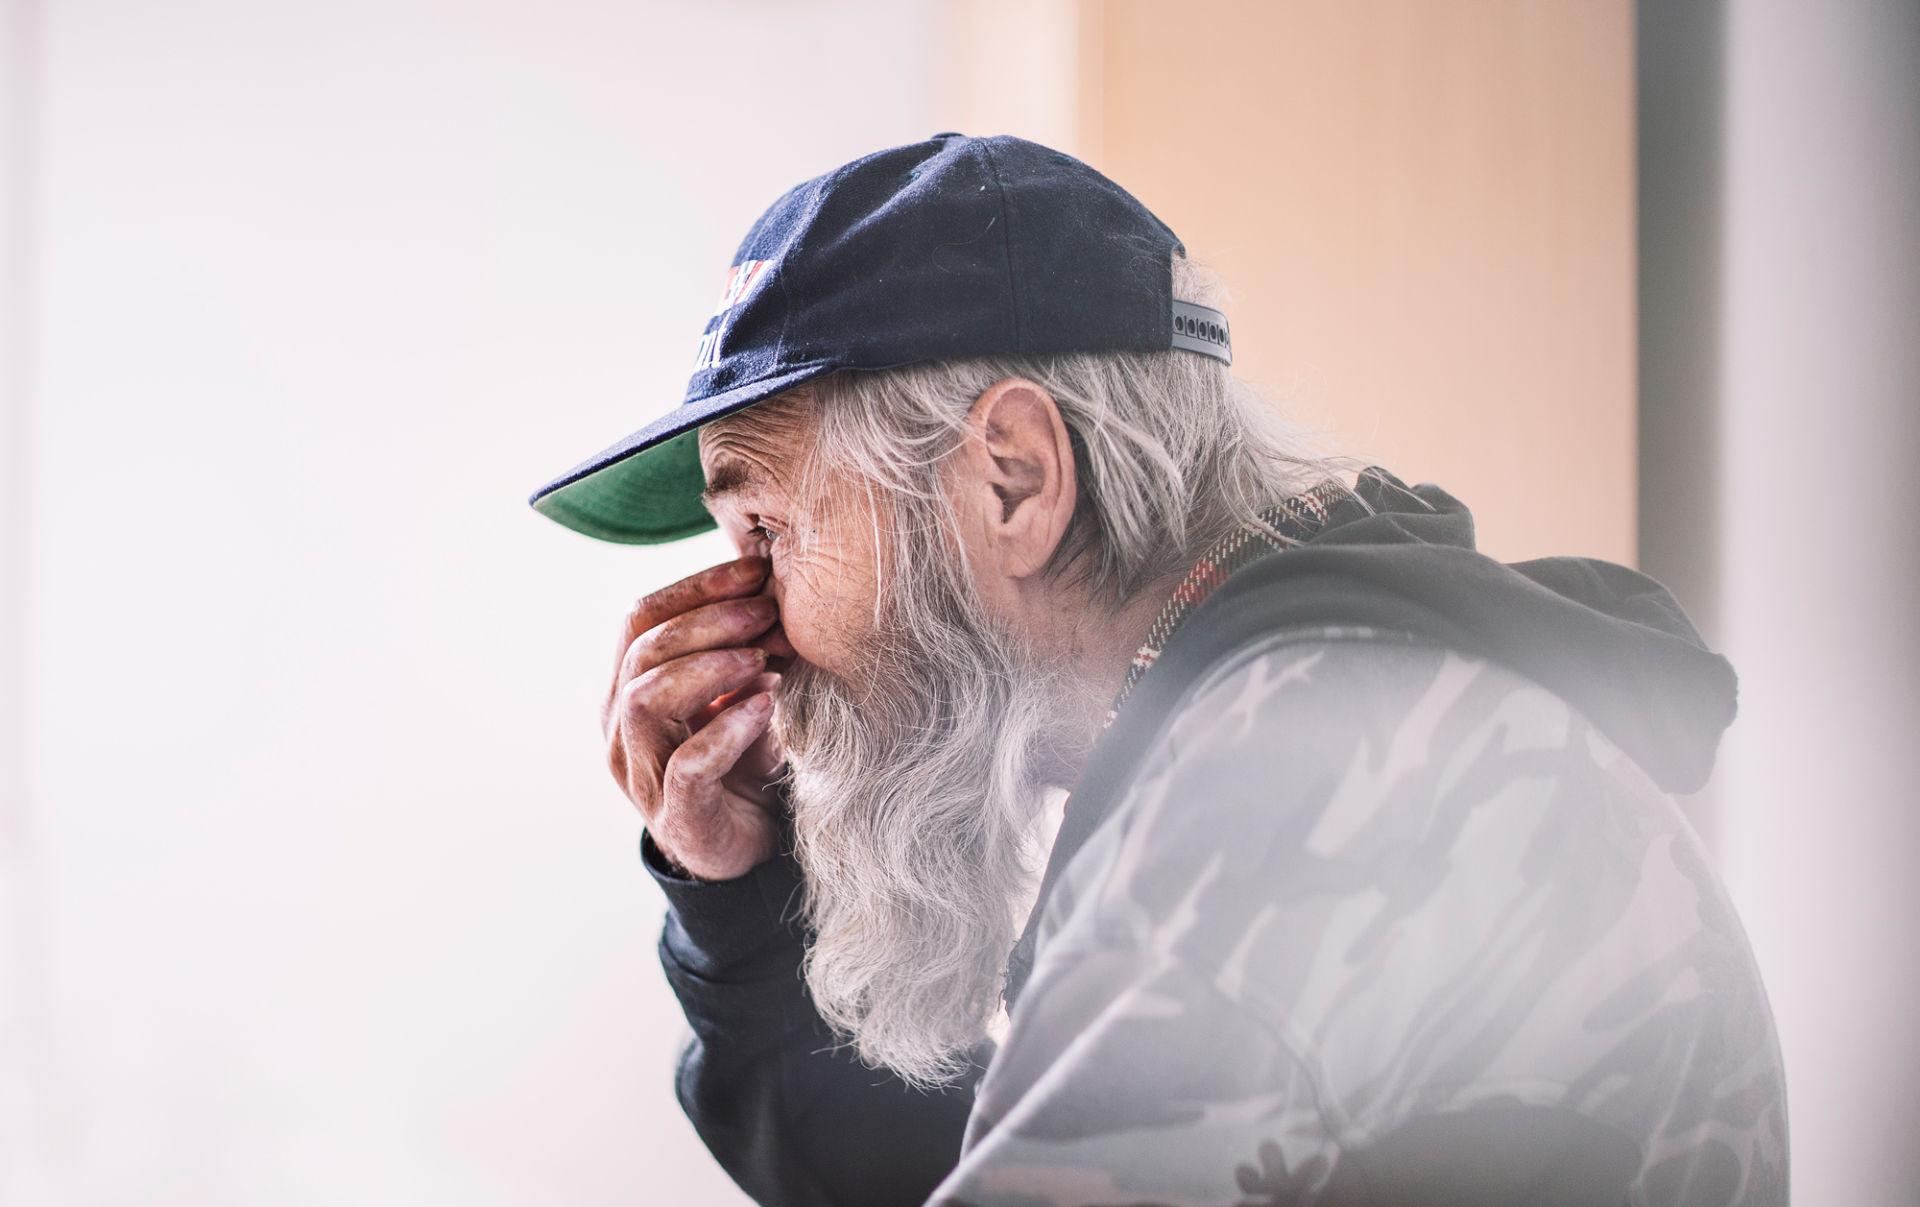 Vanha mies lippalakki päässä